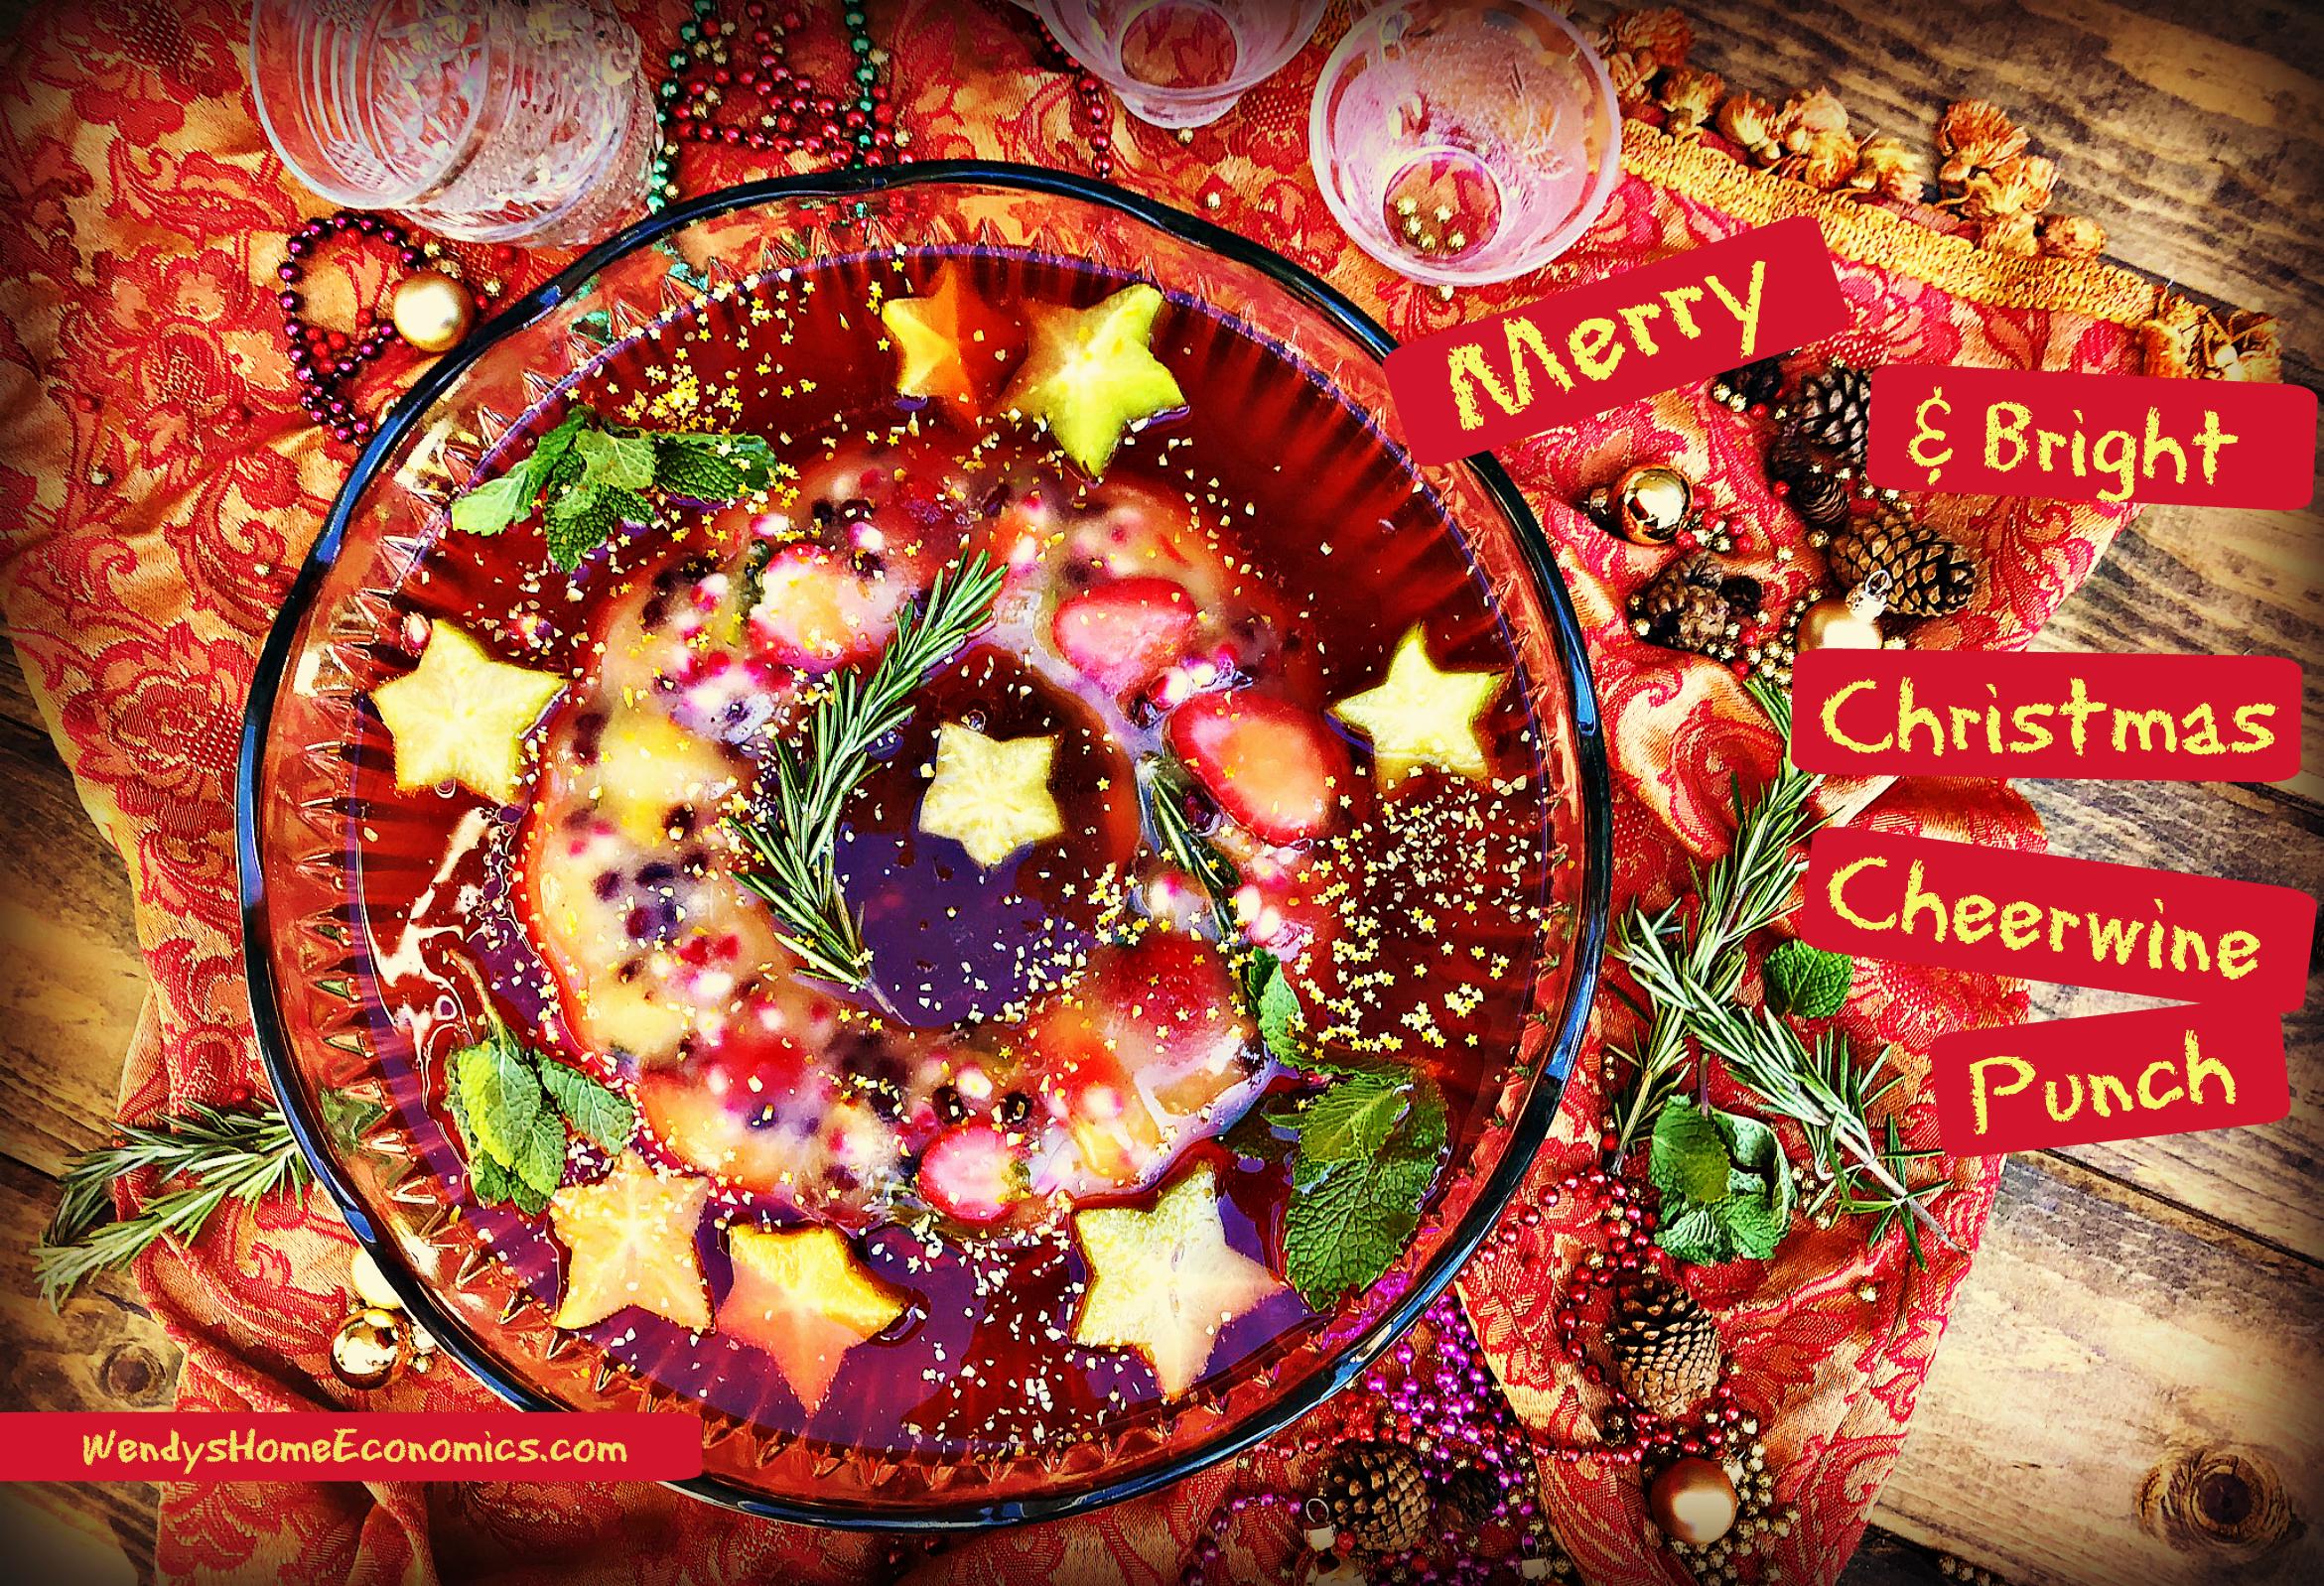 Merry & Bright Christmas Cheerwine Punch